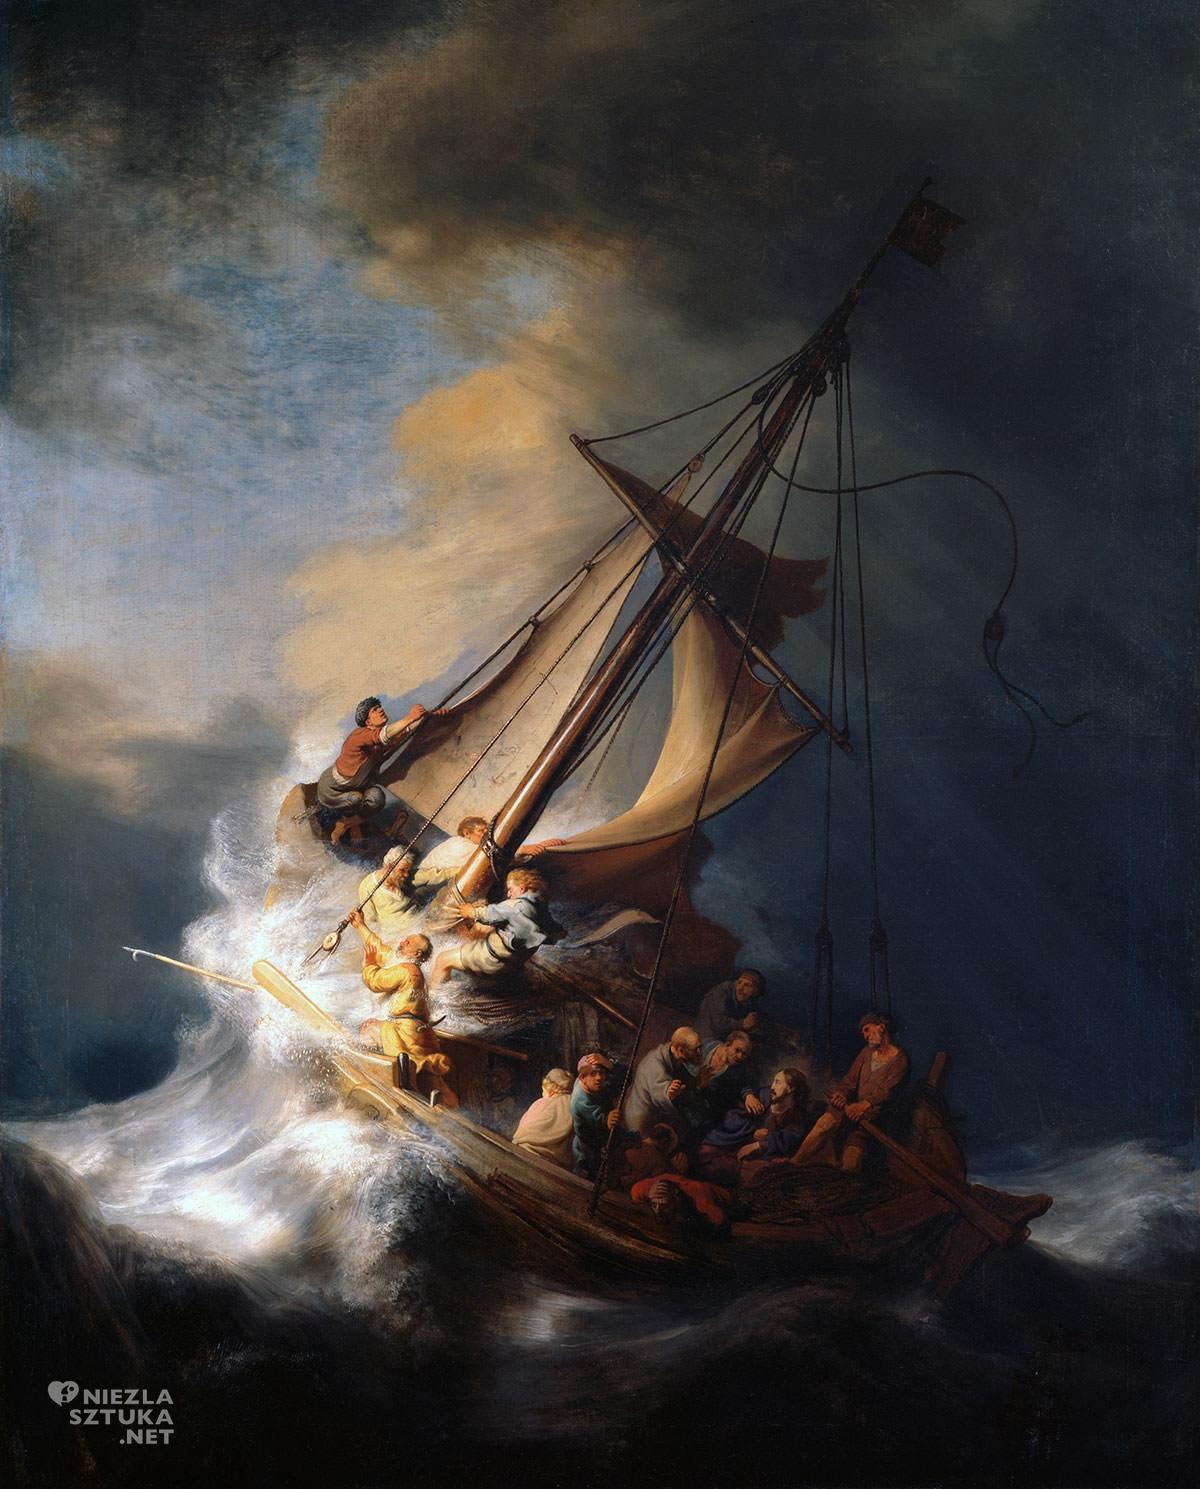 Rembrandt, Burza na Jeziorze Galilejskim, barok, malarstwo religijne, malarstwo niderlandzkie, Niezła Sztuka